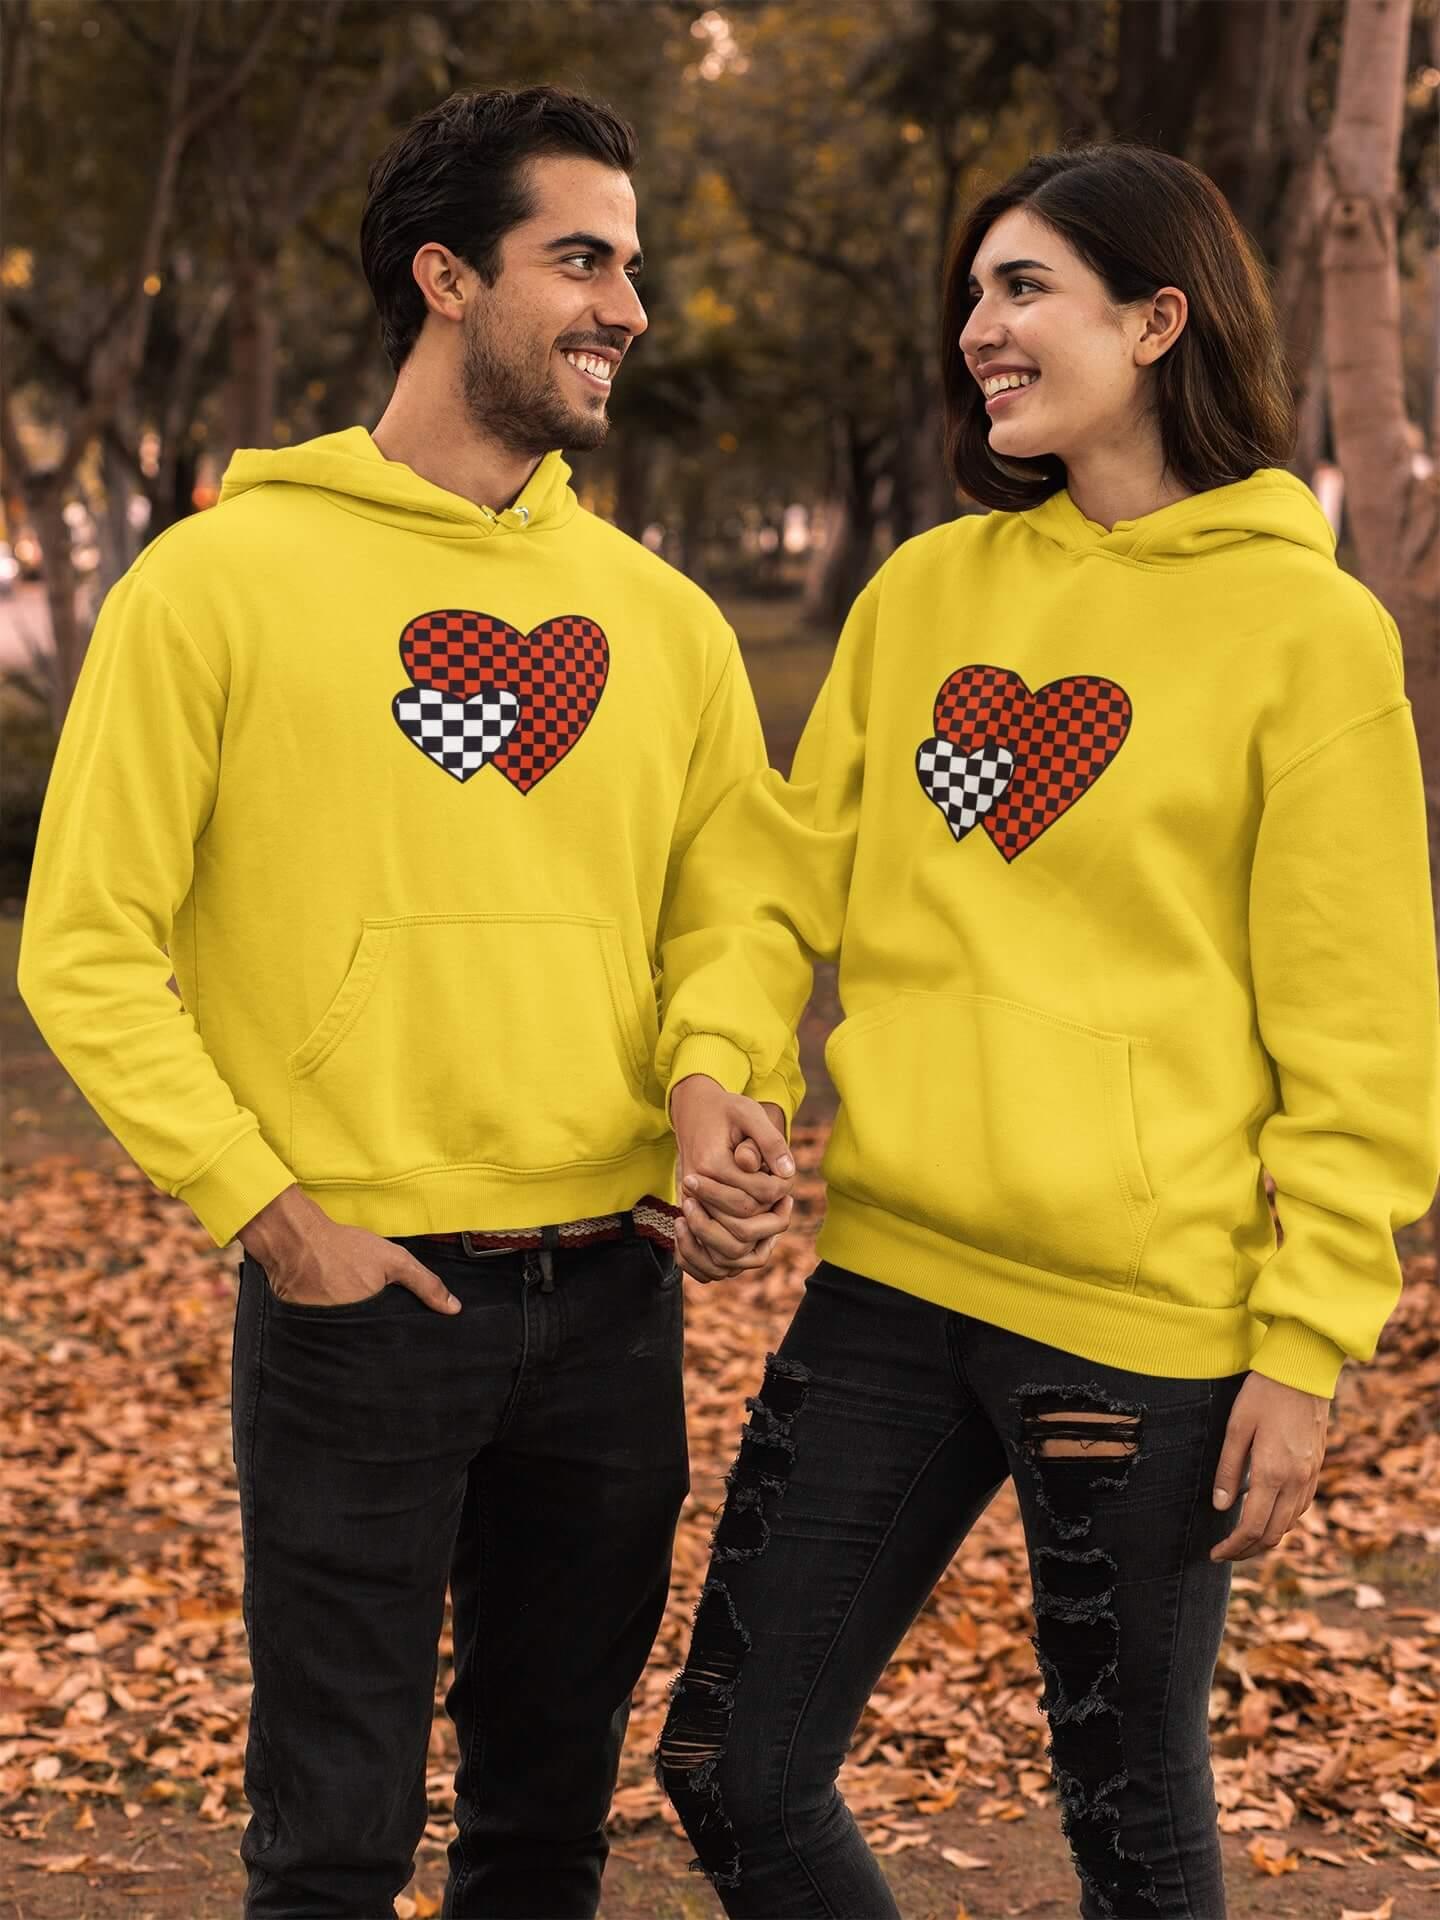 MMO Mikiny pre páry Srdiečka Farba: Žltá, Dámska veľkosť: S, Pánska veľkosť: S